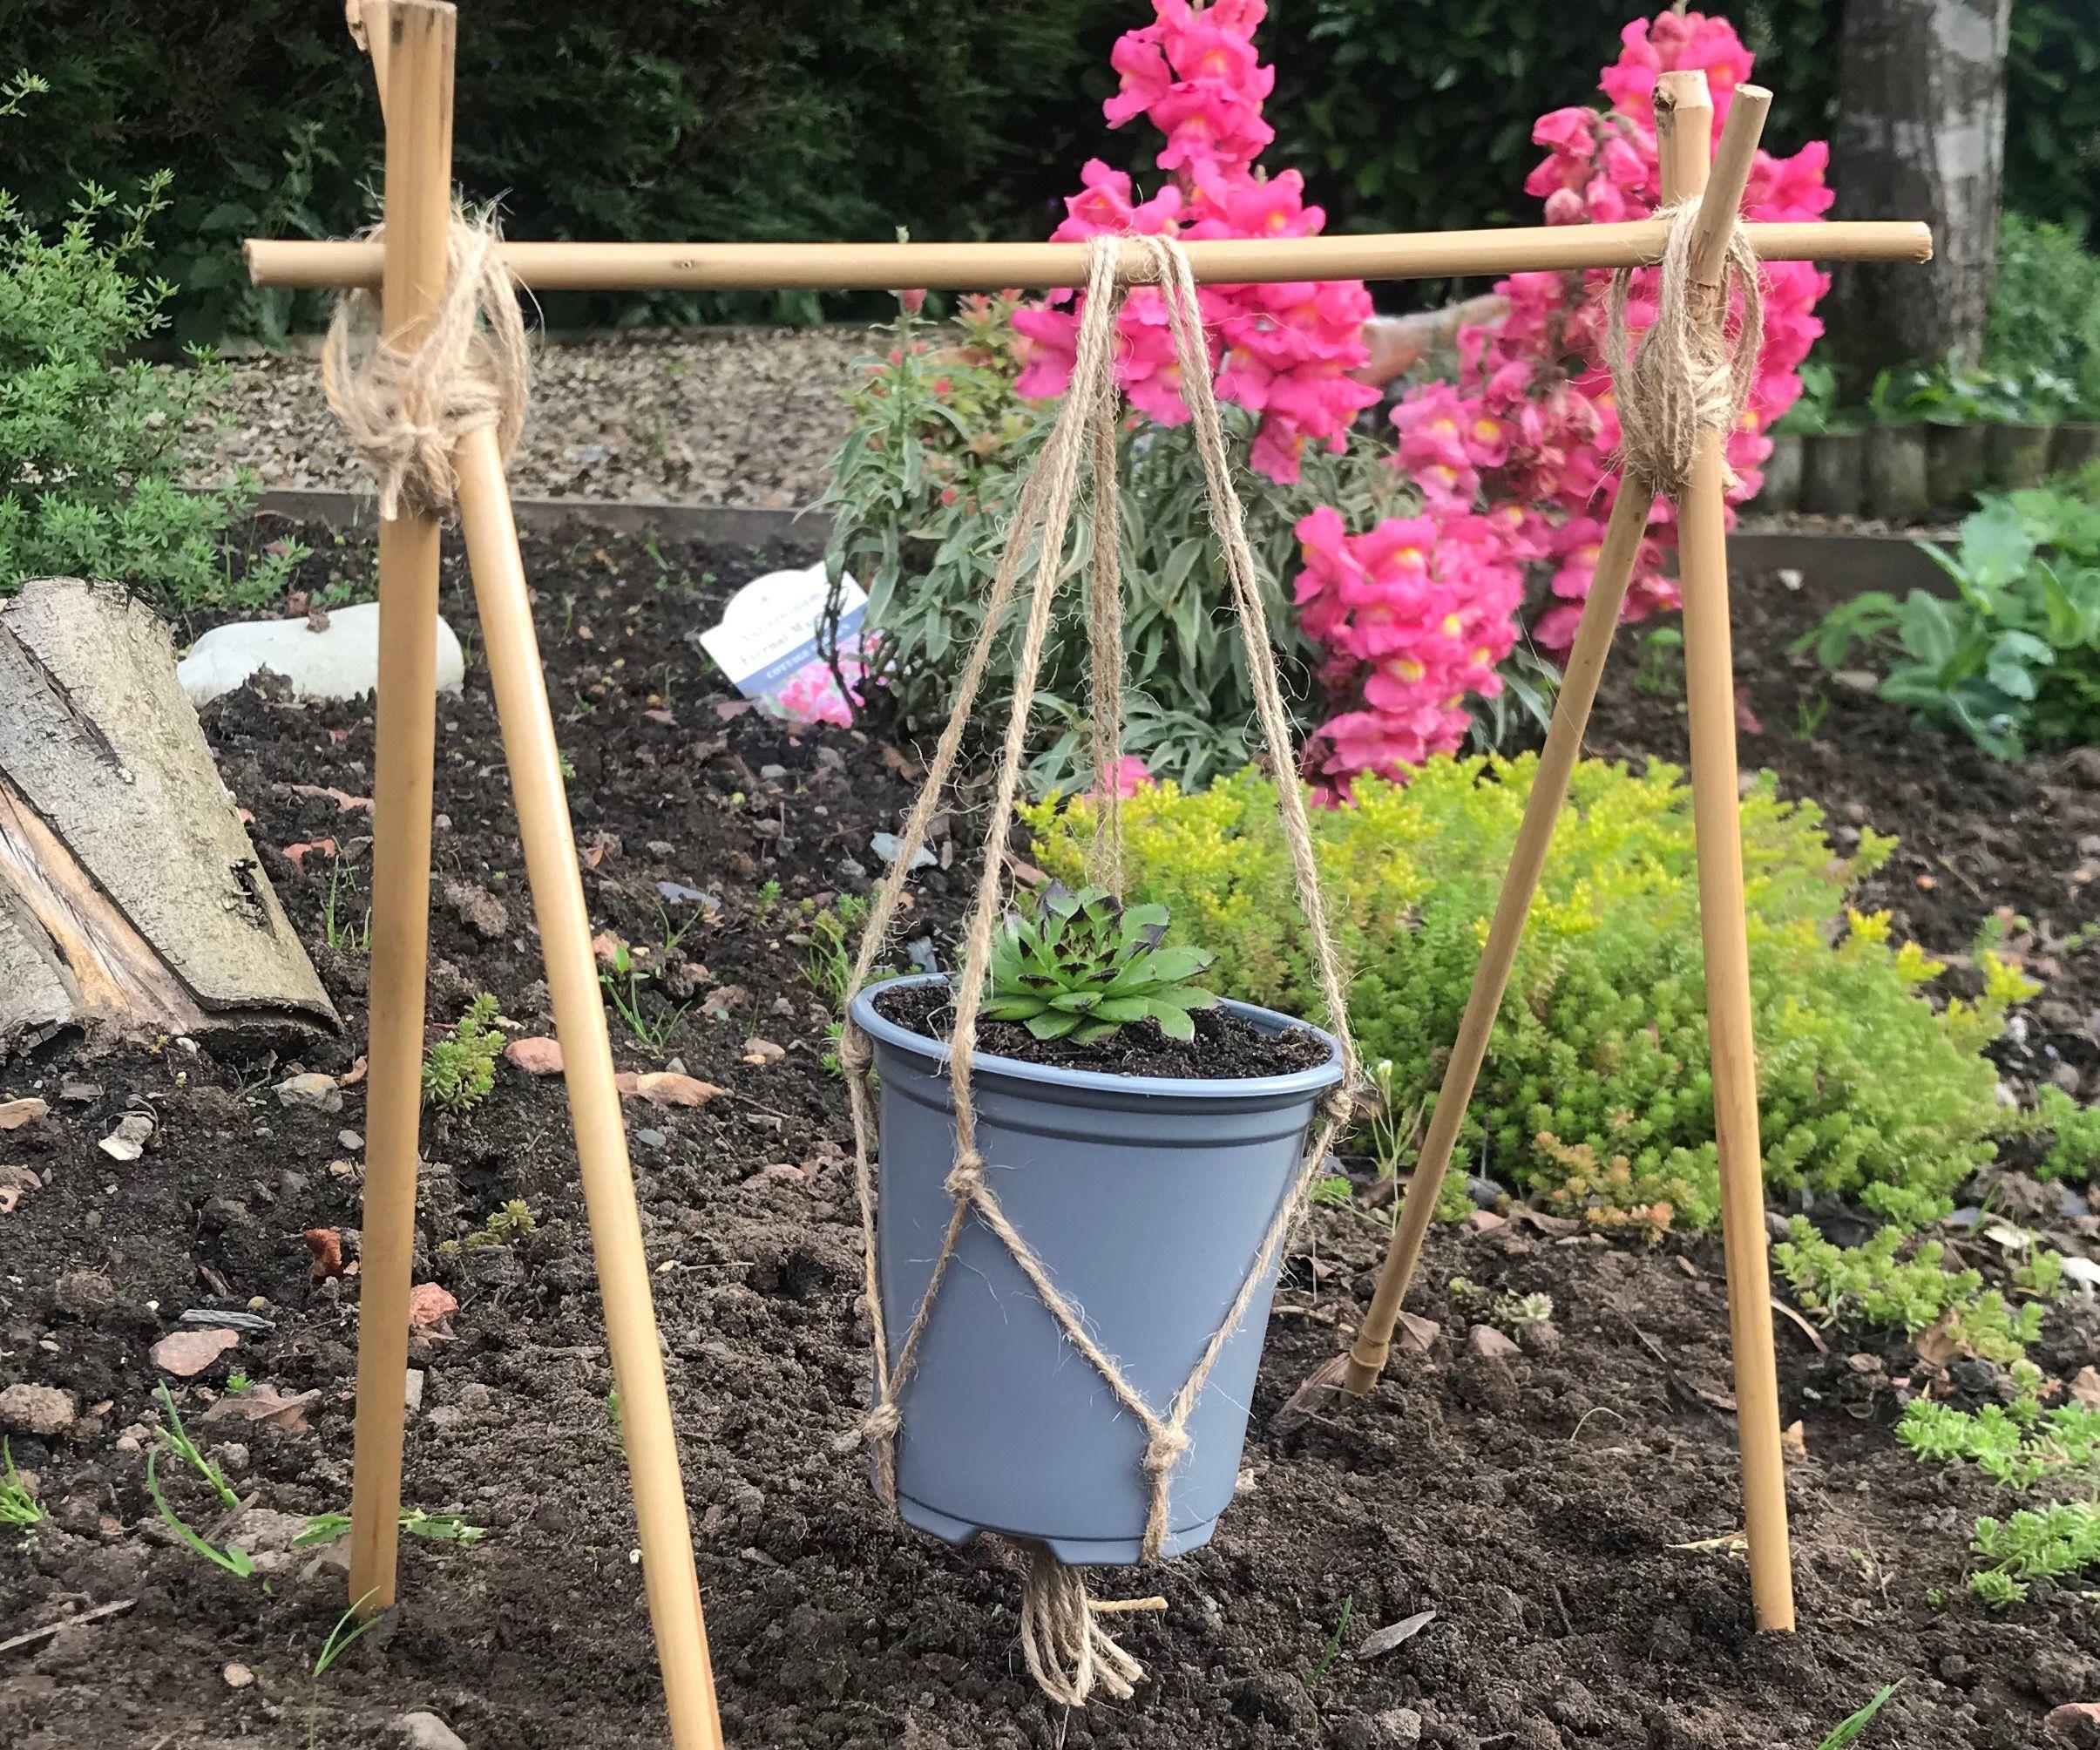 The Gardener's Planter